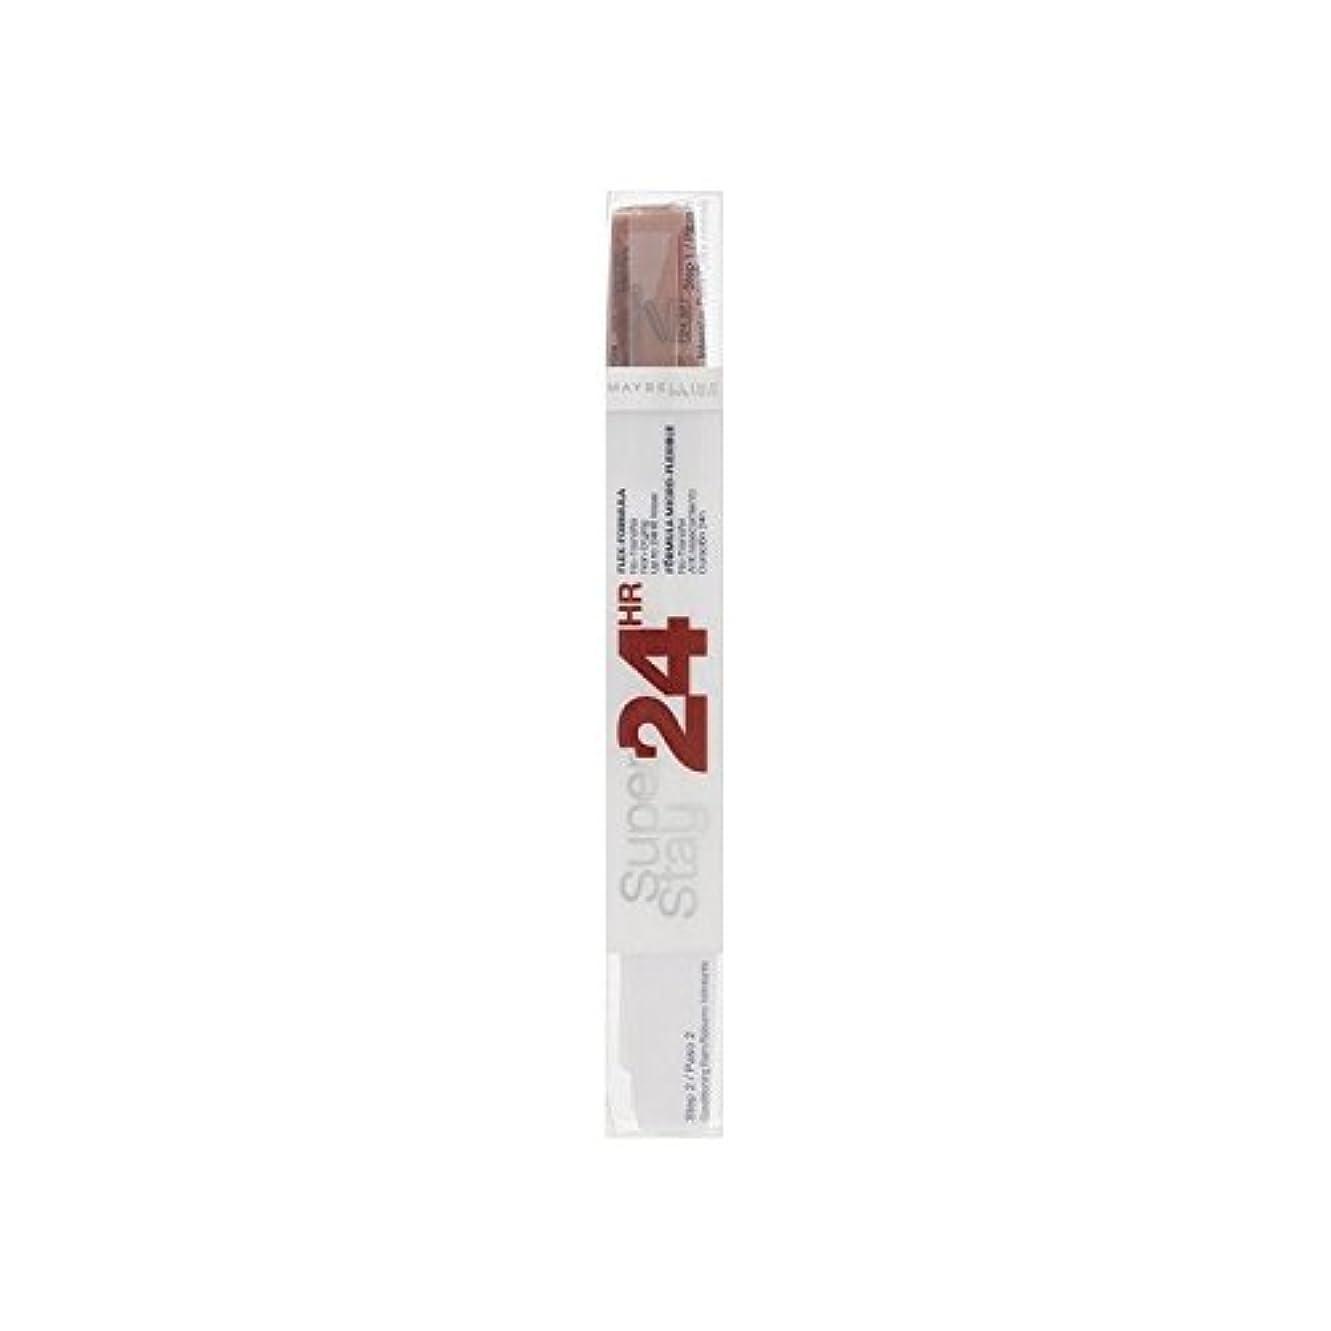 メイベリン24デュアル口紅575ピンクスパイス9ミリリットル x2 - Maybelline SuperStay24H Dual Lipstick 575 Pink Spice 9ml (Pack of 2) [並行輸入品]